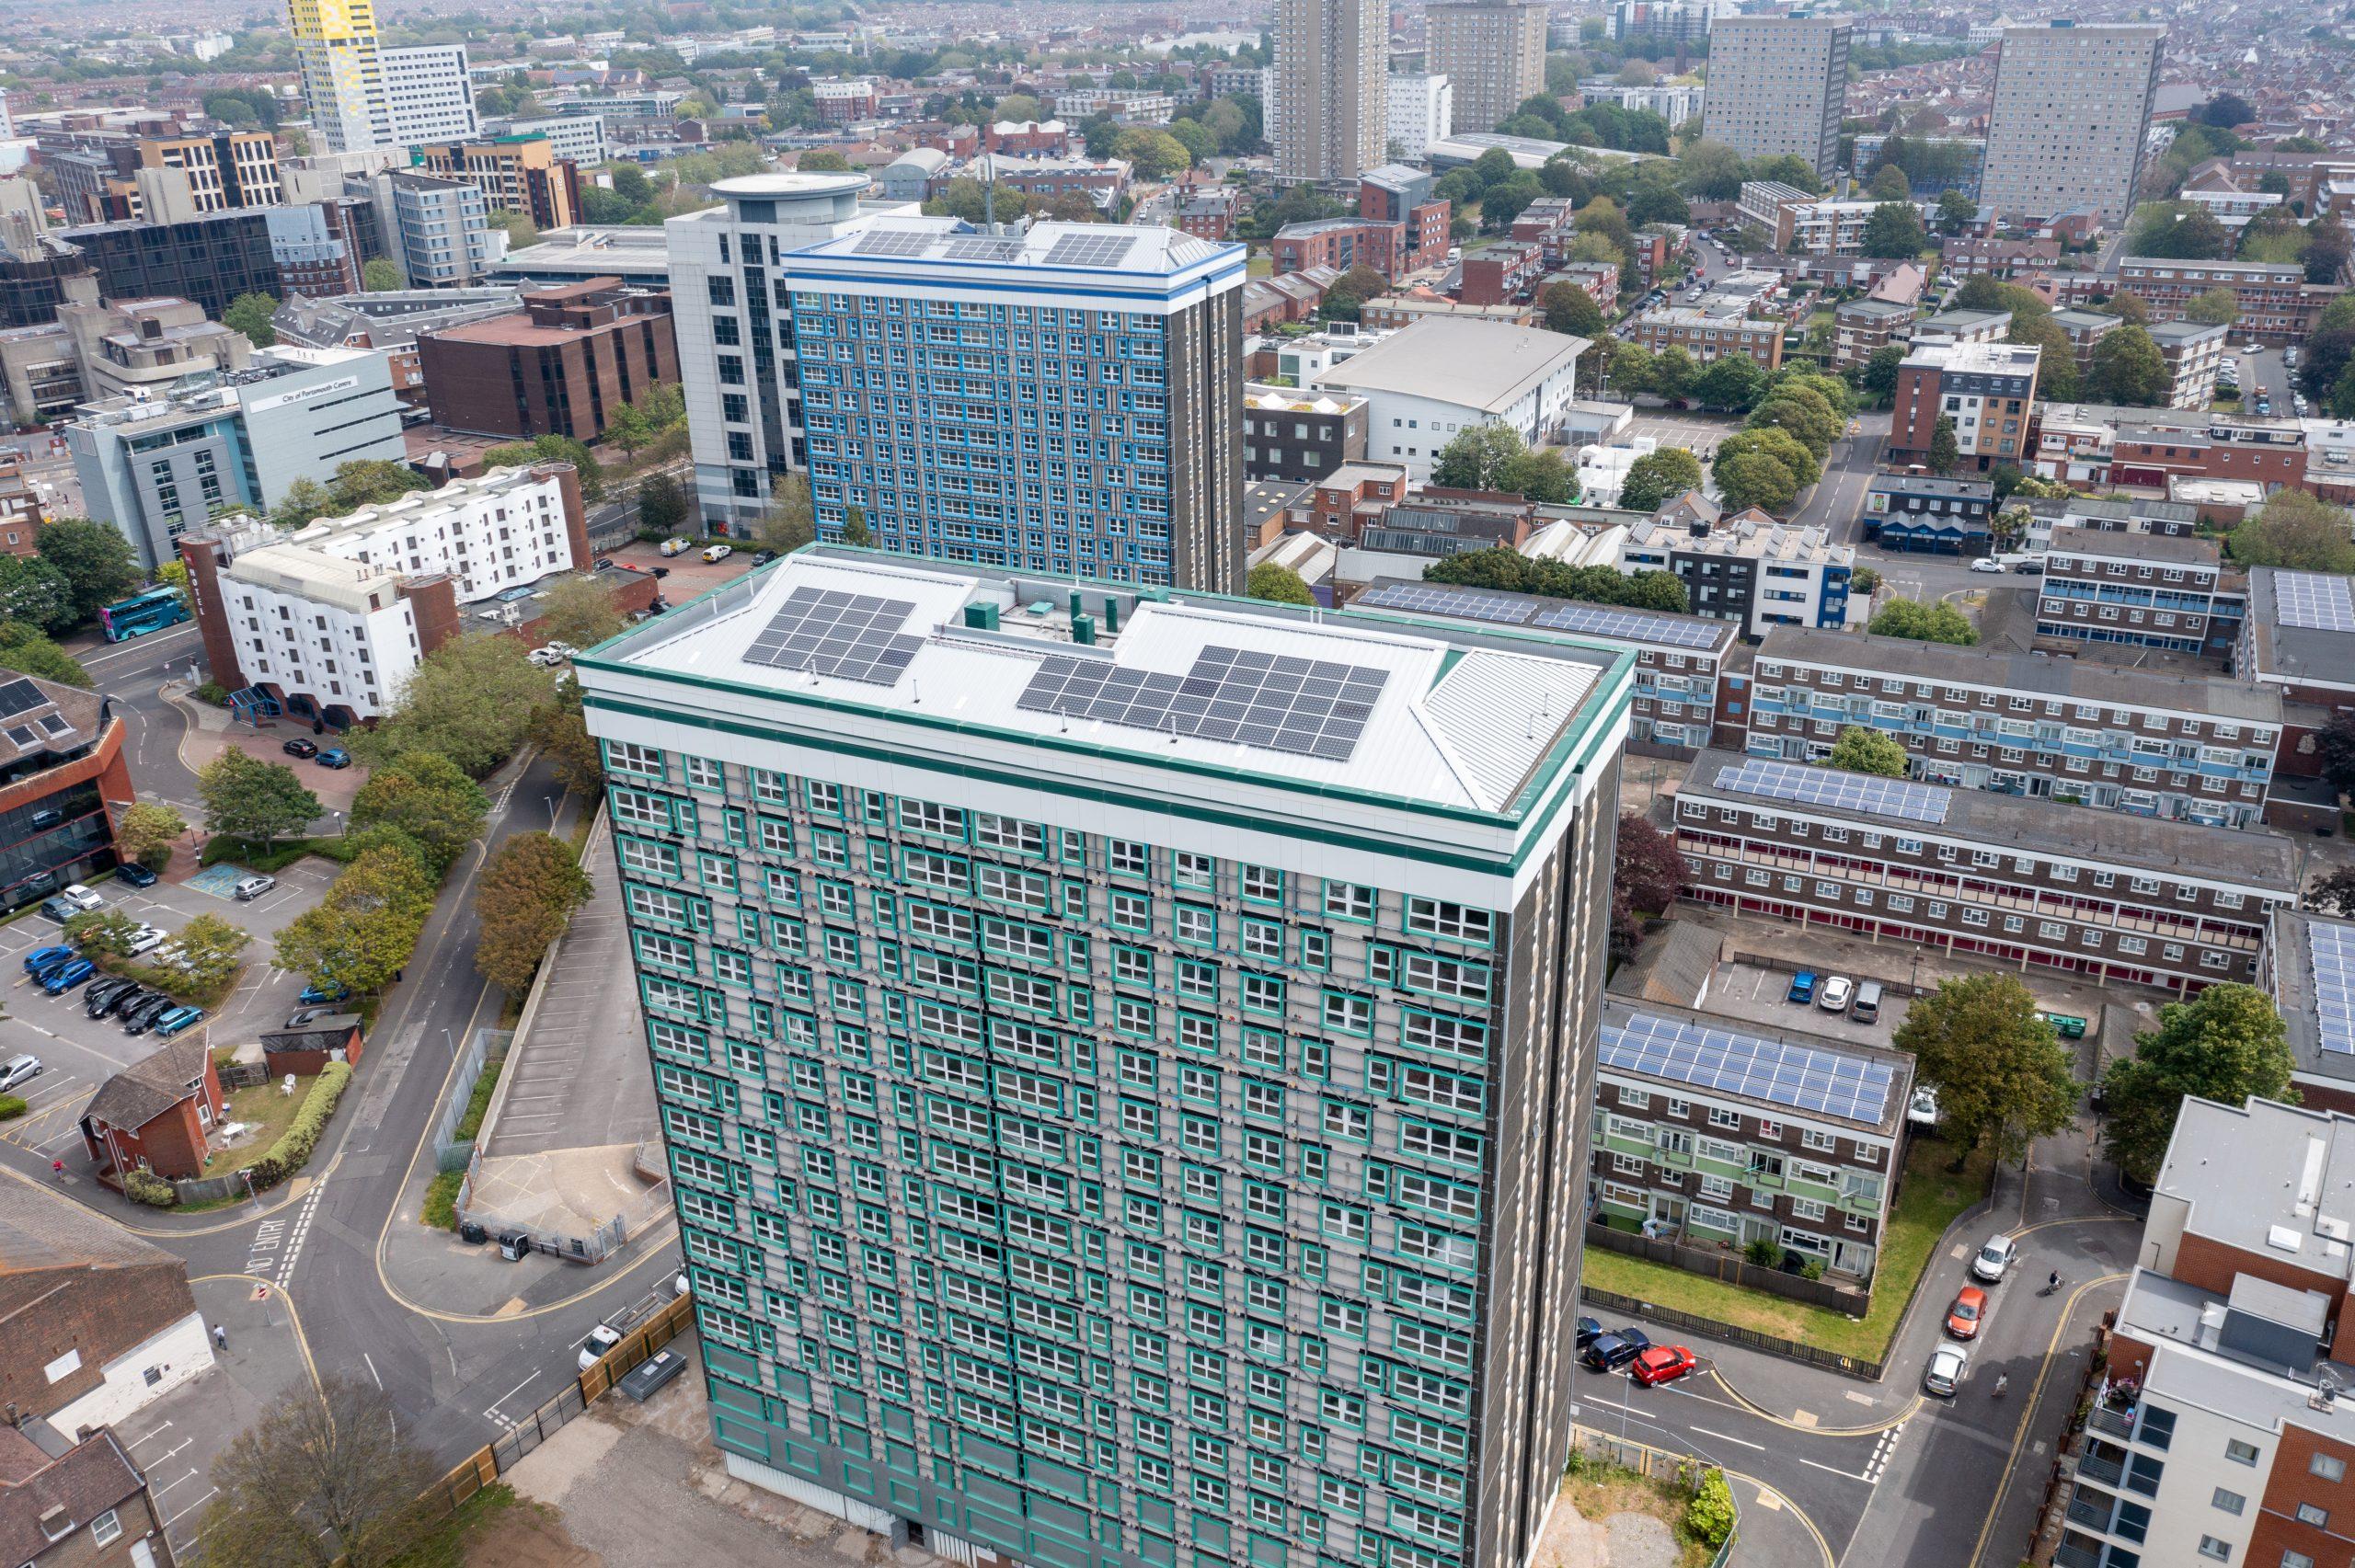 Aerial views of Horatia & Leamington Houses